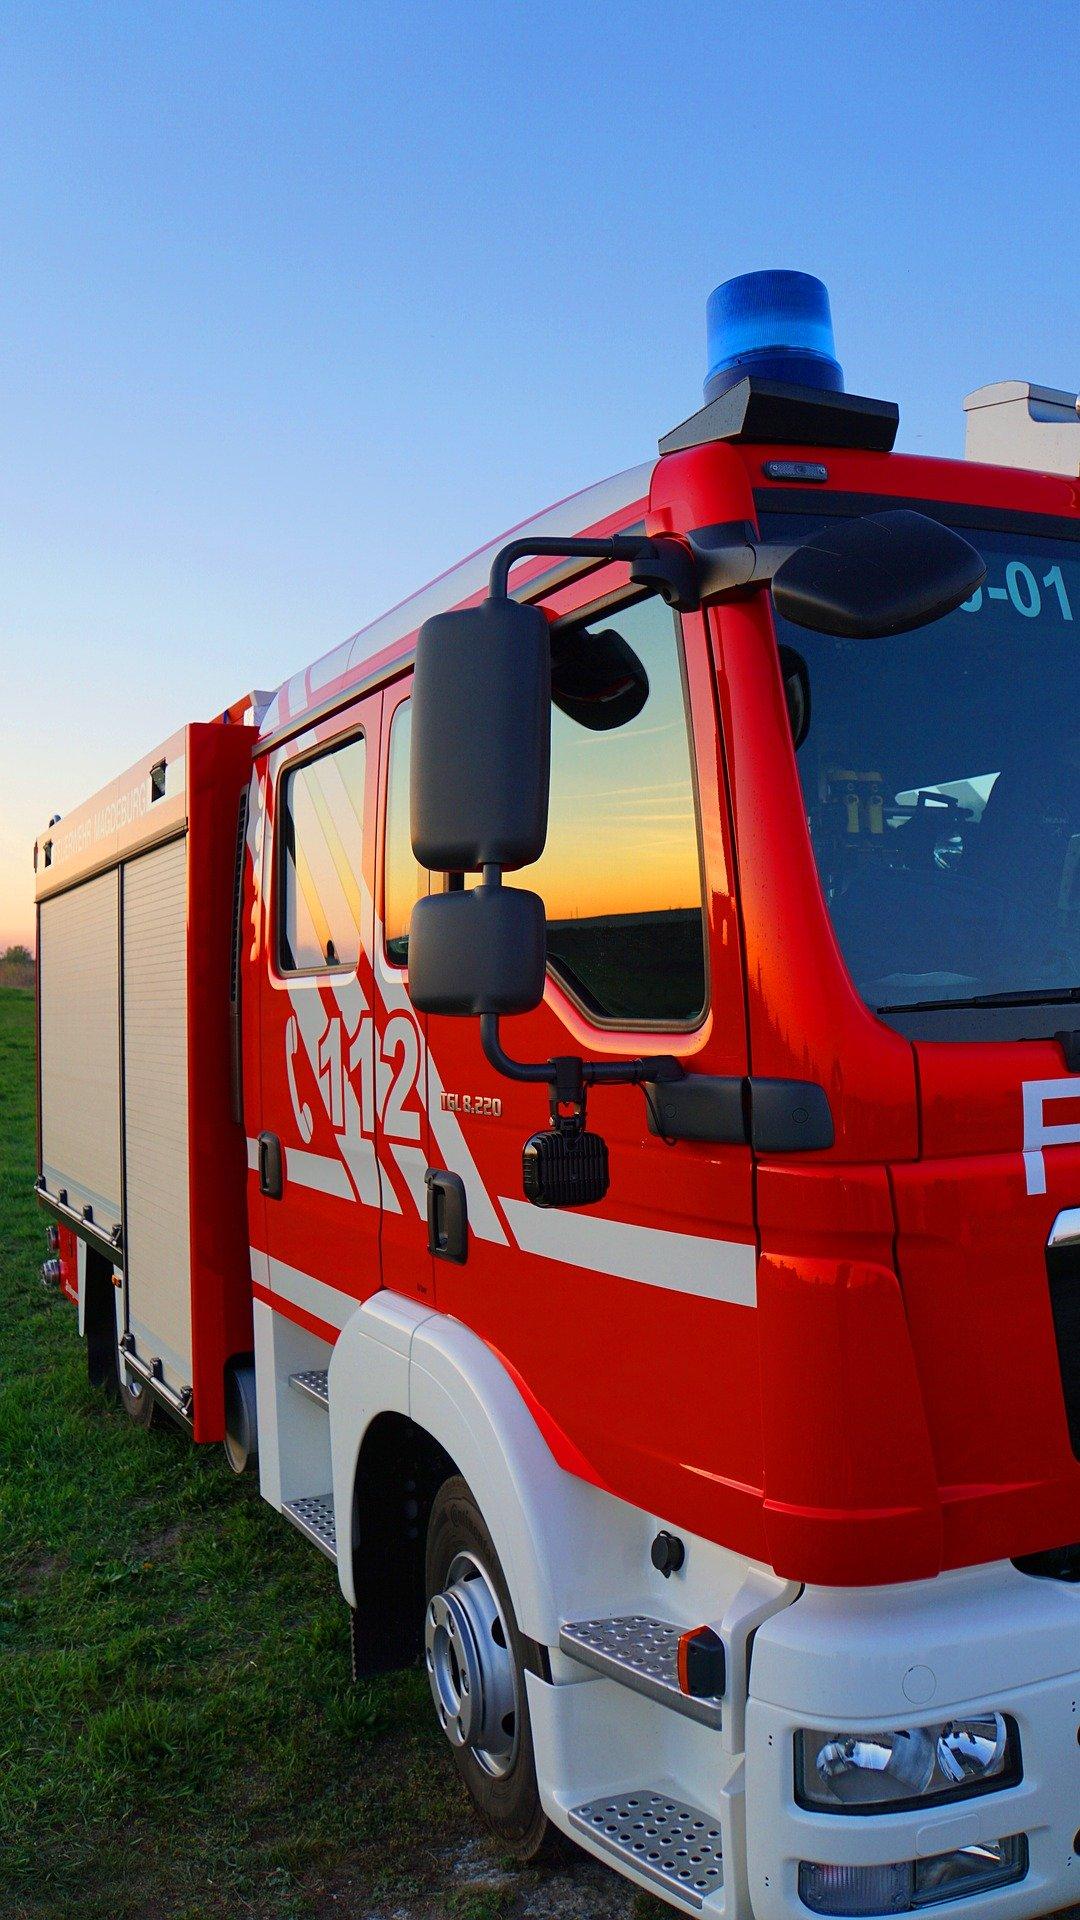 fire-truck-4150438_1920